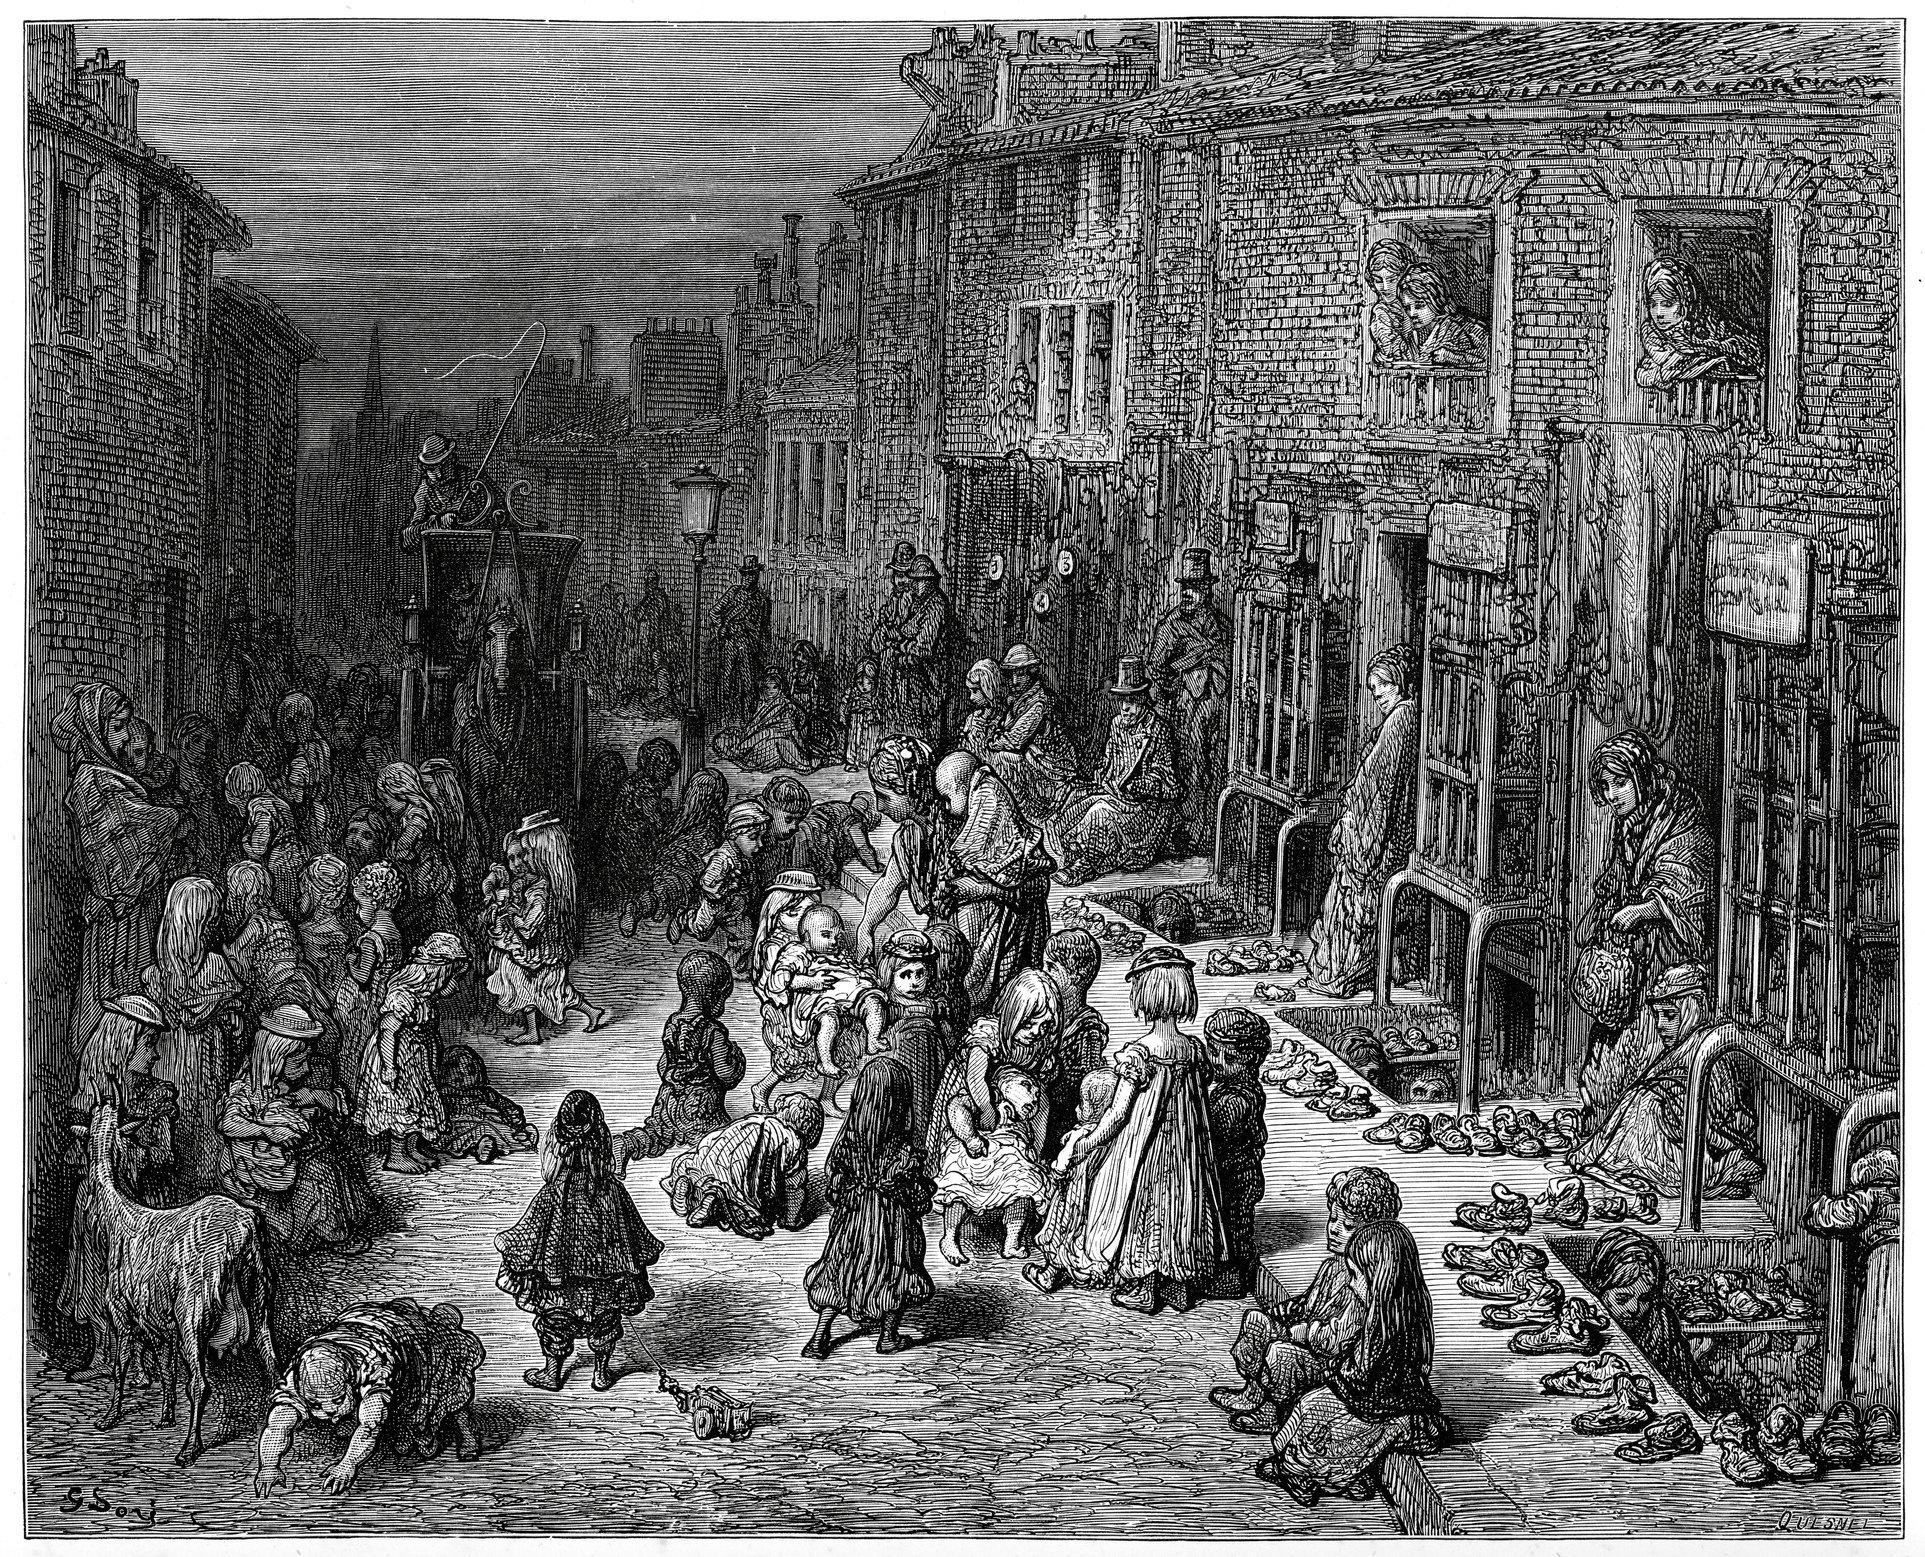 Niños en la calle en Inglaterra en el siglo XIX